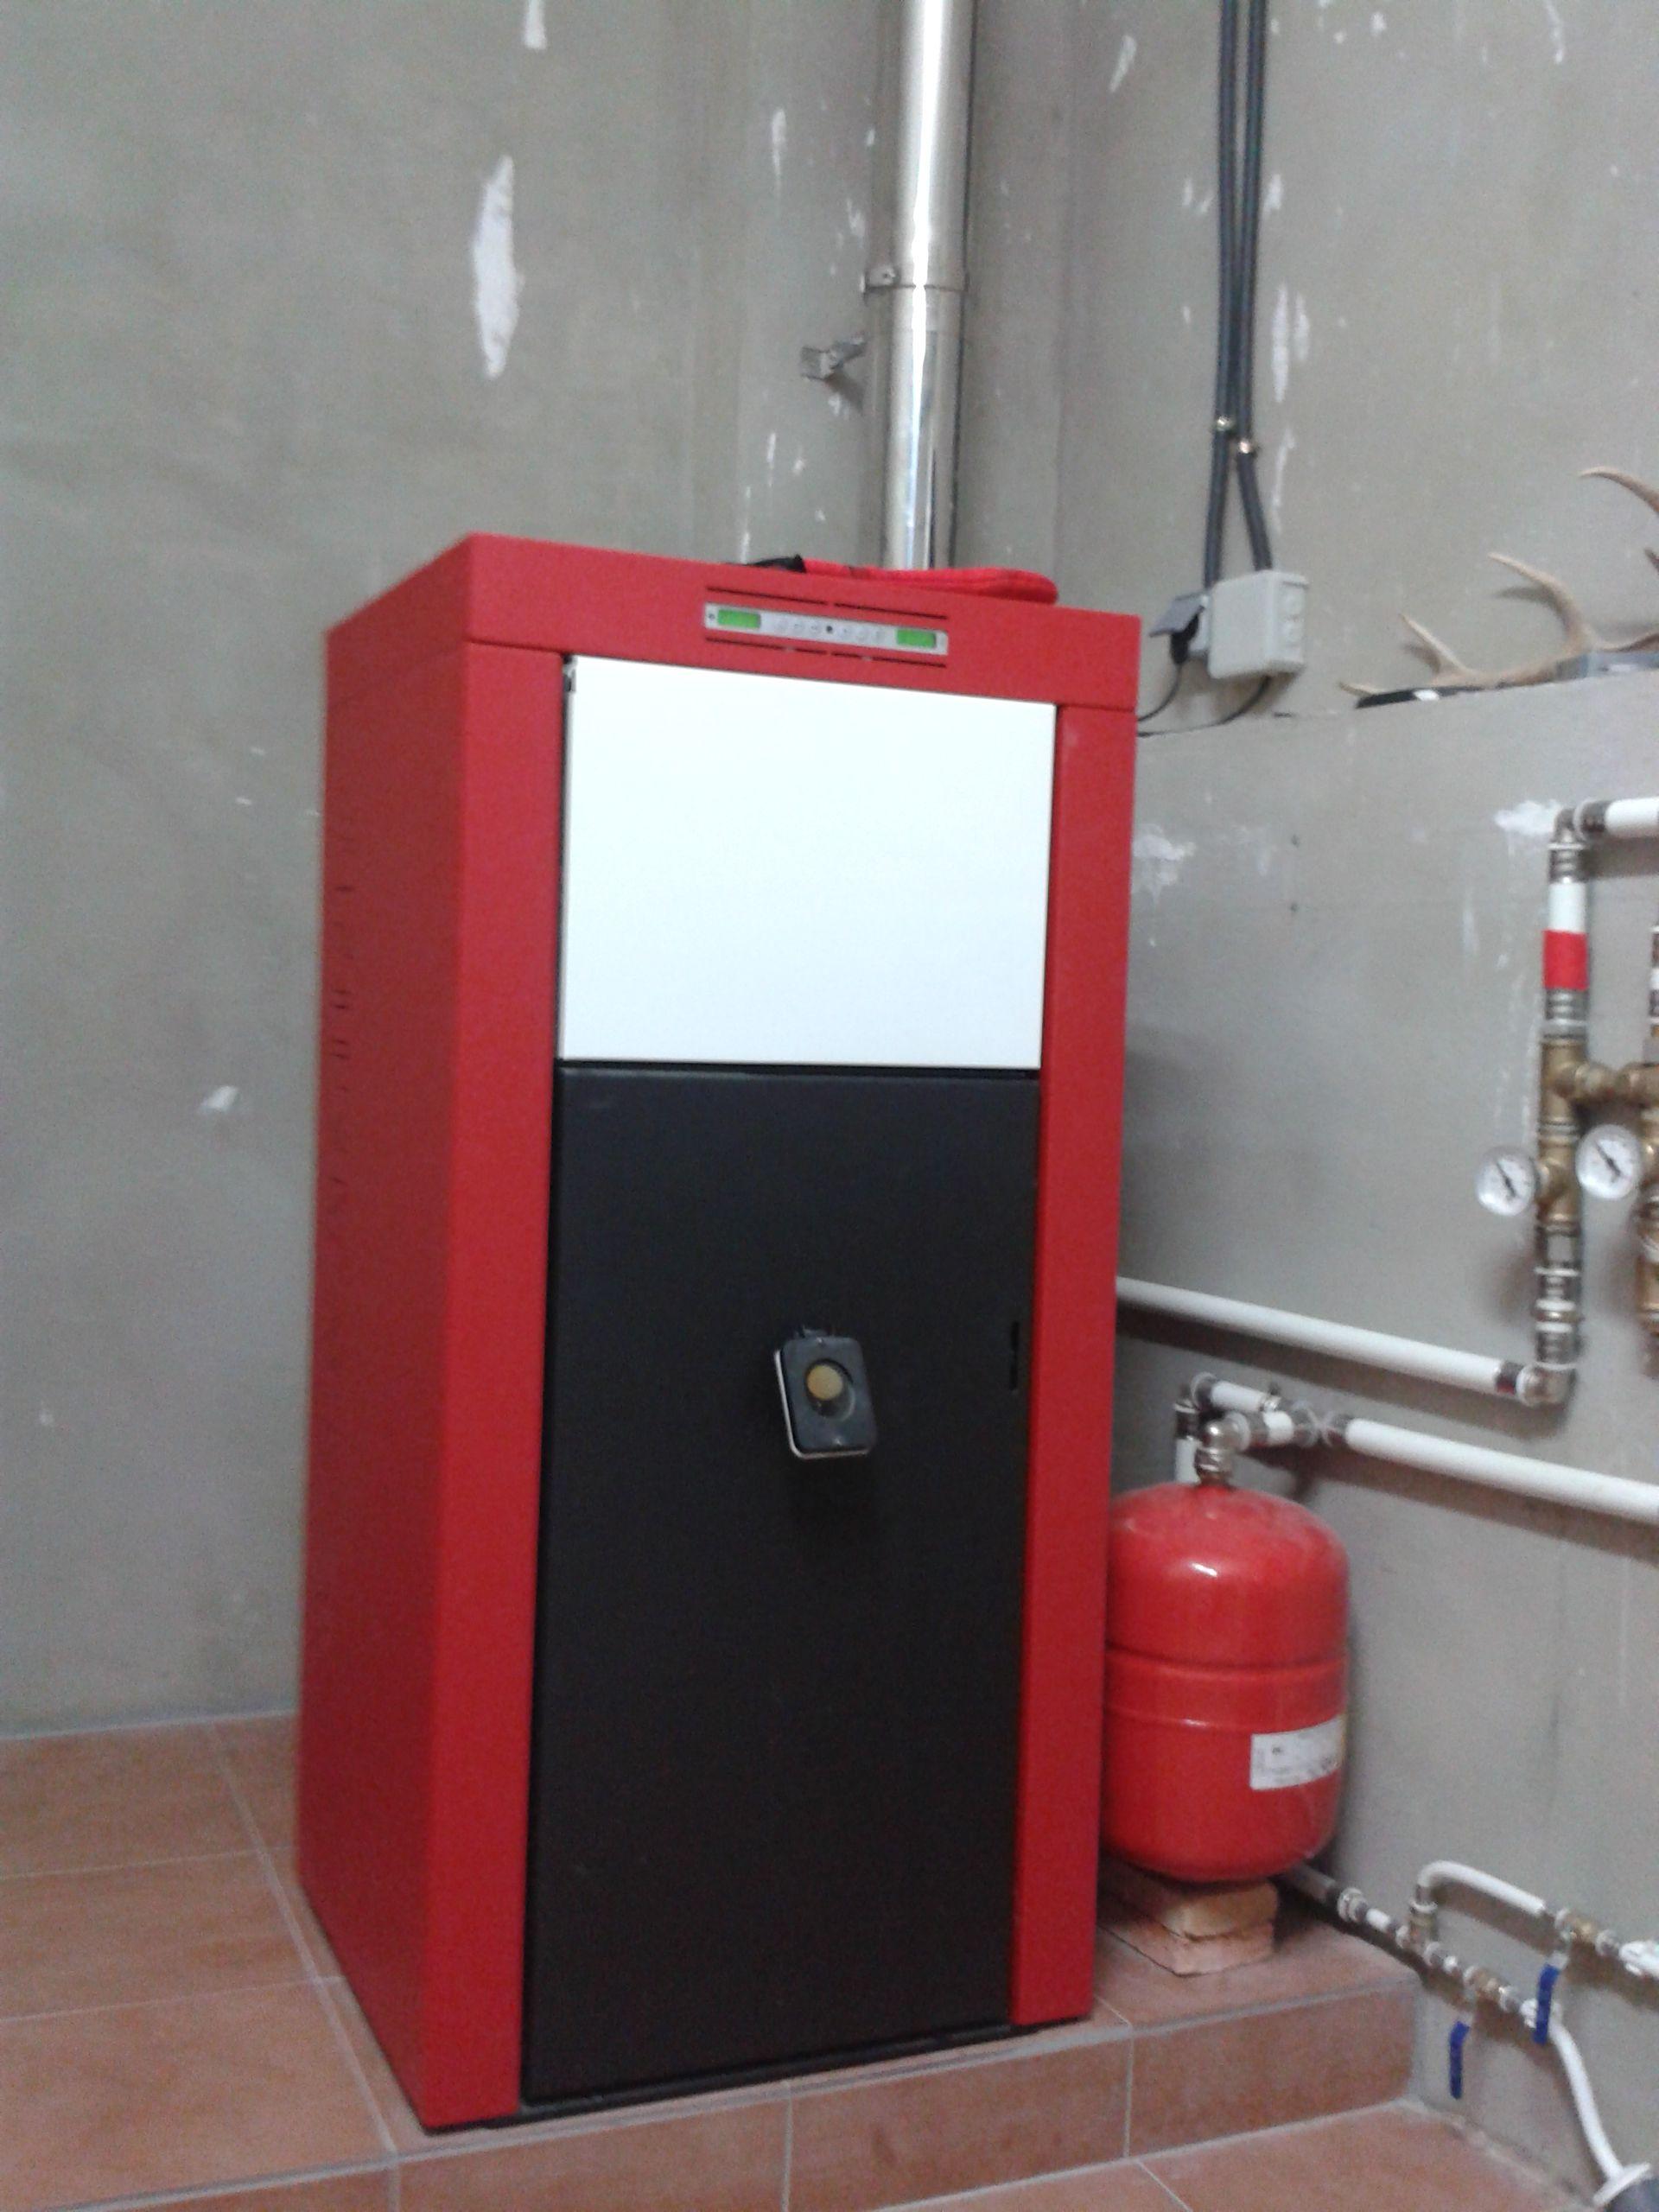 Caldera de pellet edilkamin basic para calefacci n por radiadores y producci n de acs - Calefaccion de lena con radiadores ...